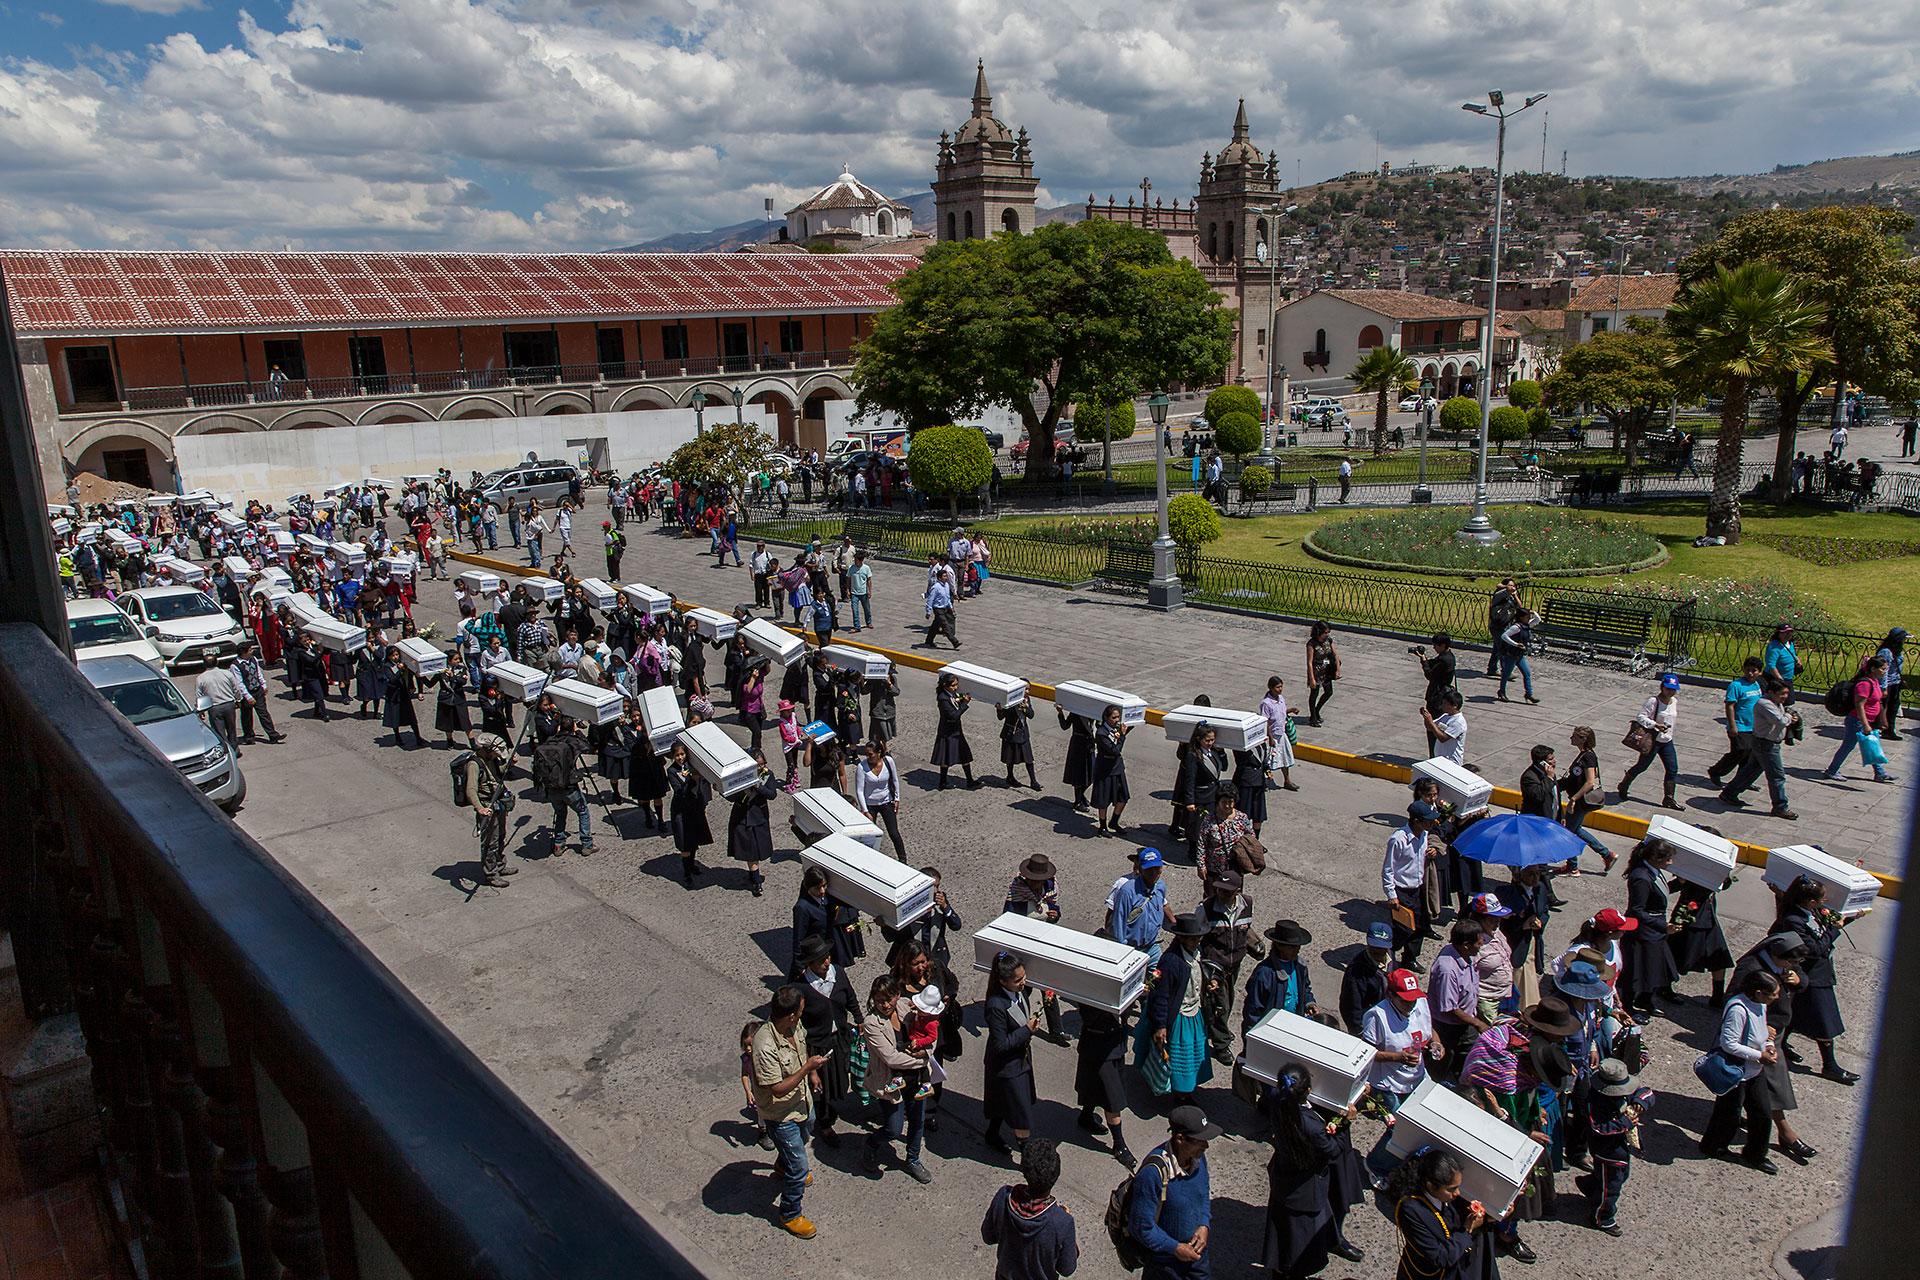 En octubre de 2014 se hallaron los restos óseos de 65 personas, la mayor parte campesinos y campesinas asesinadas en la región de Ayacucho en los años 80 y 90. Los restos de estas personas fueron entregados por funcionarios del Ministerio Público a los familiares sobrevivientes. Hubo una procesión con los féretros en la ciudad de Huamanga (Ayacucho).